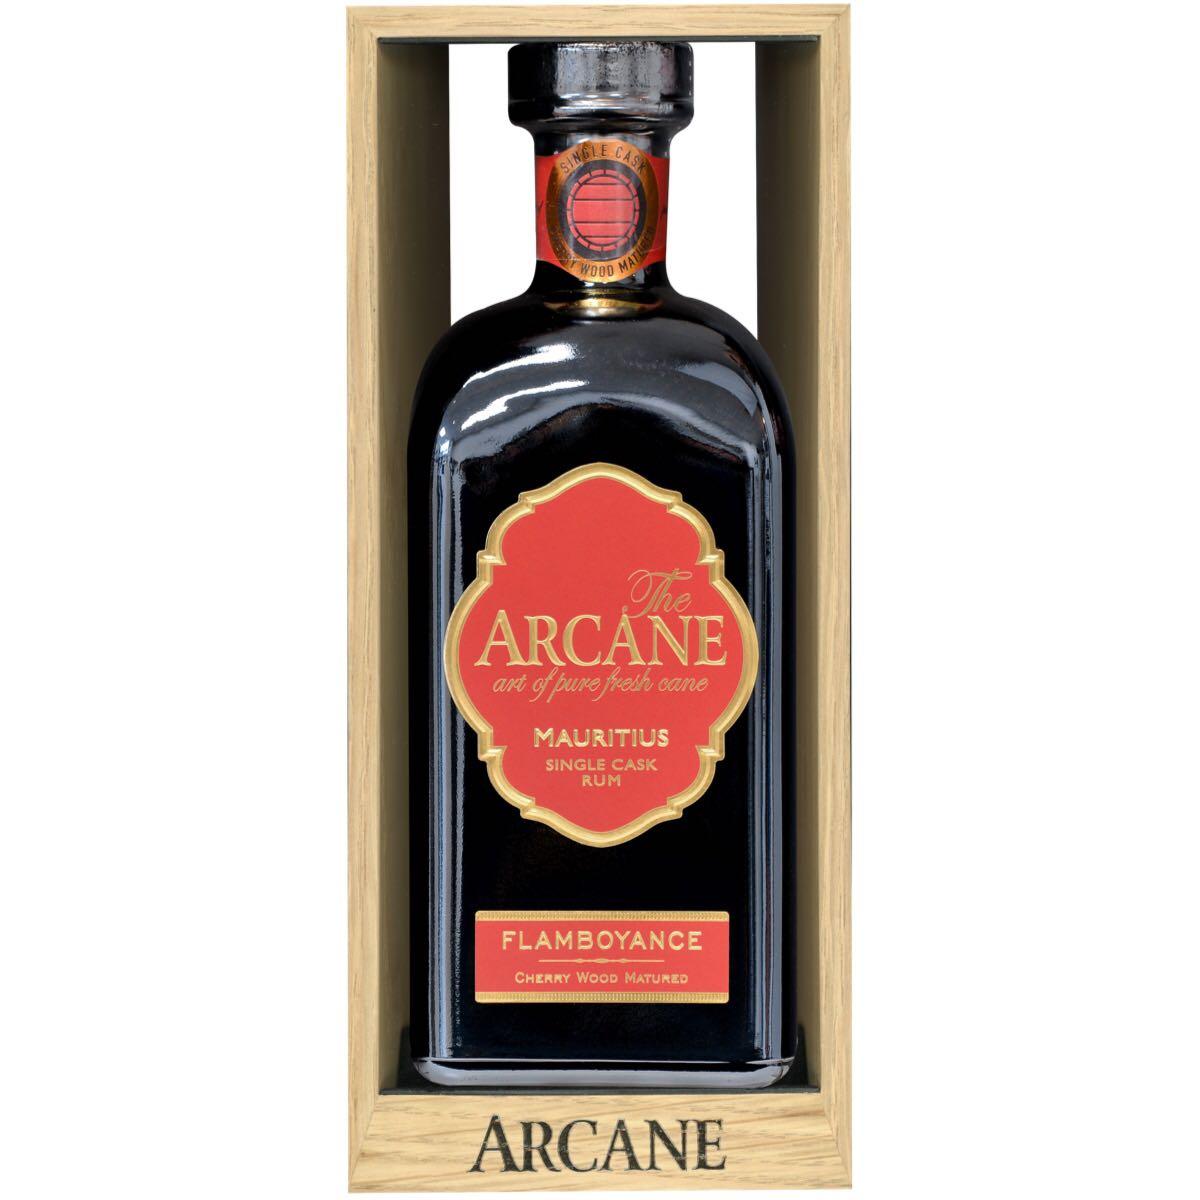 Bottle image of Arcane Flamboyance